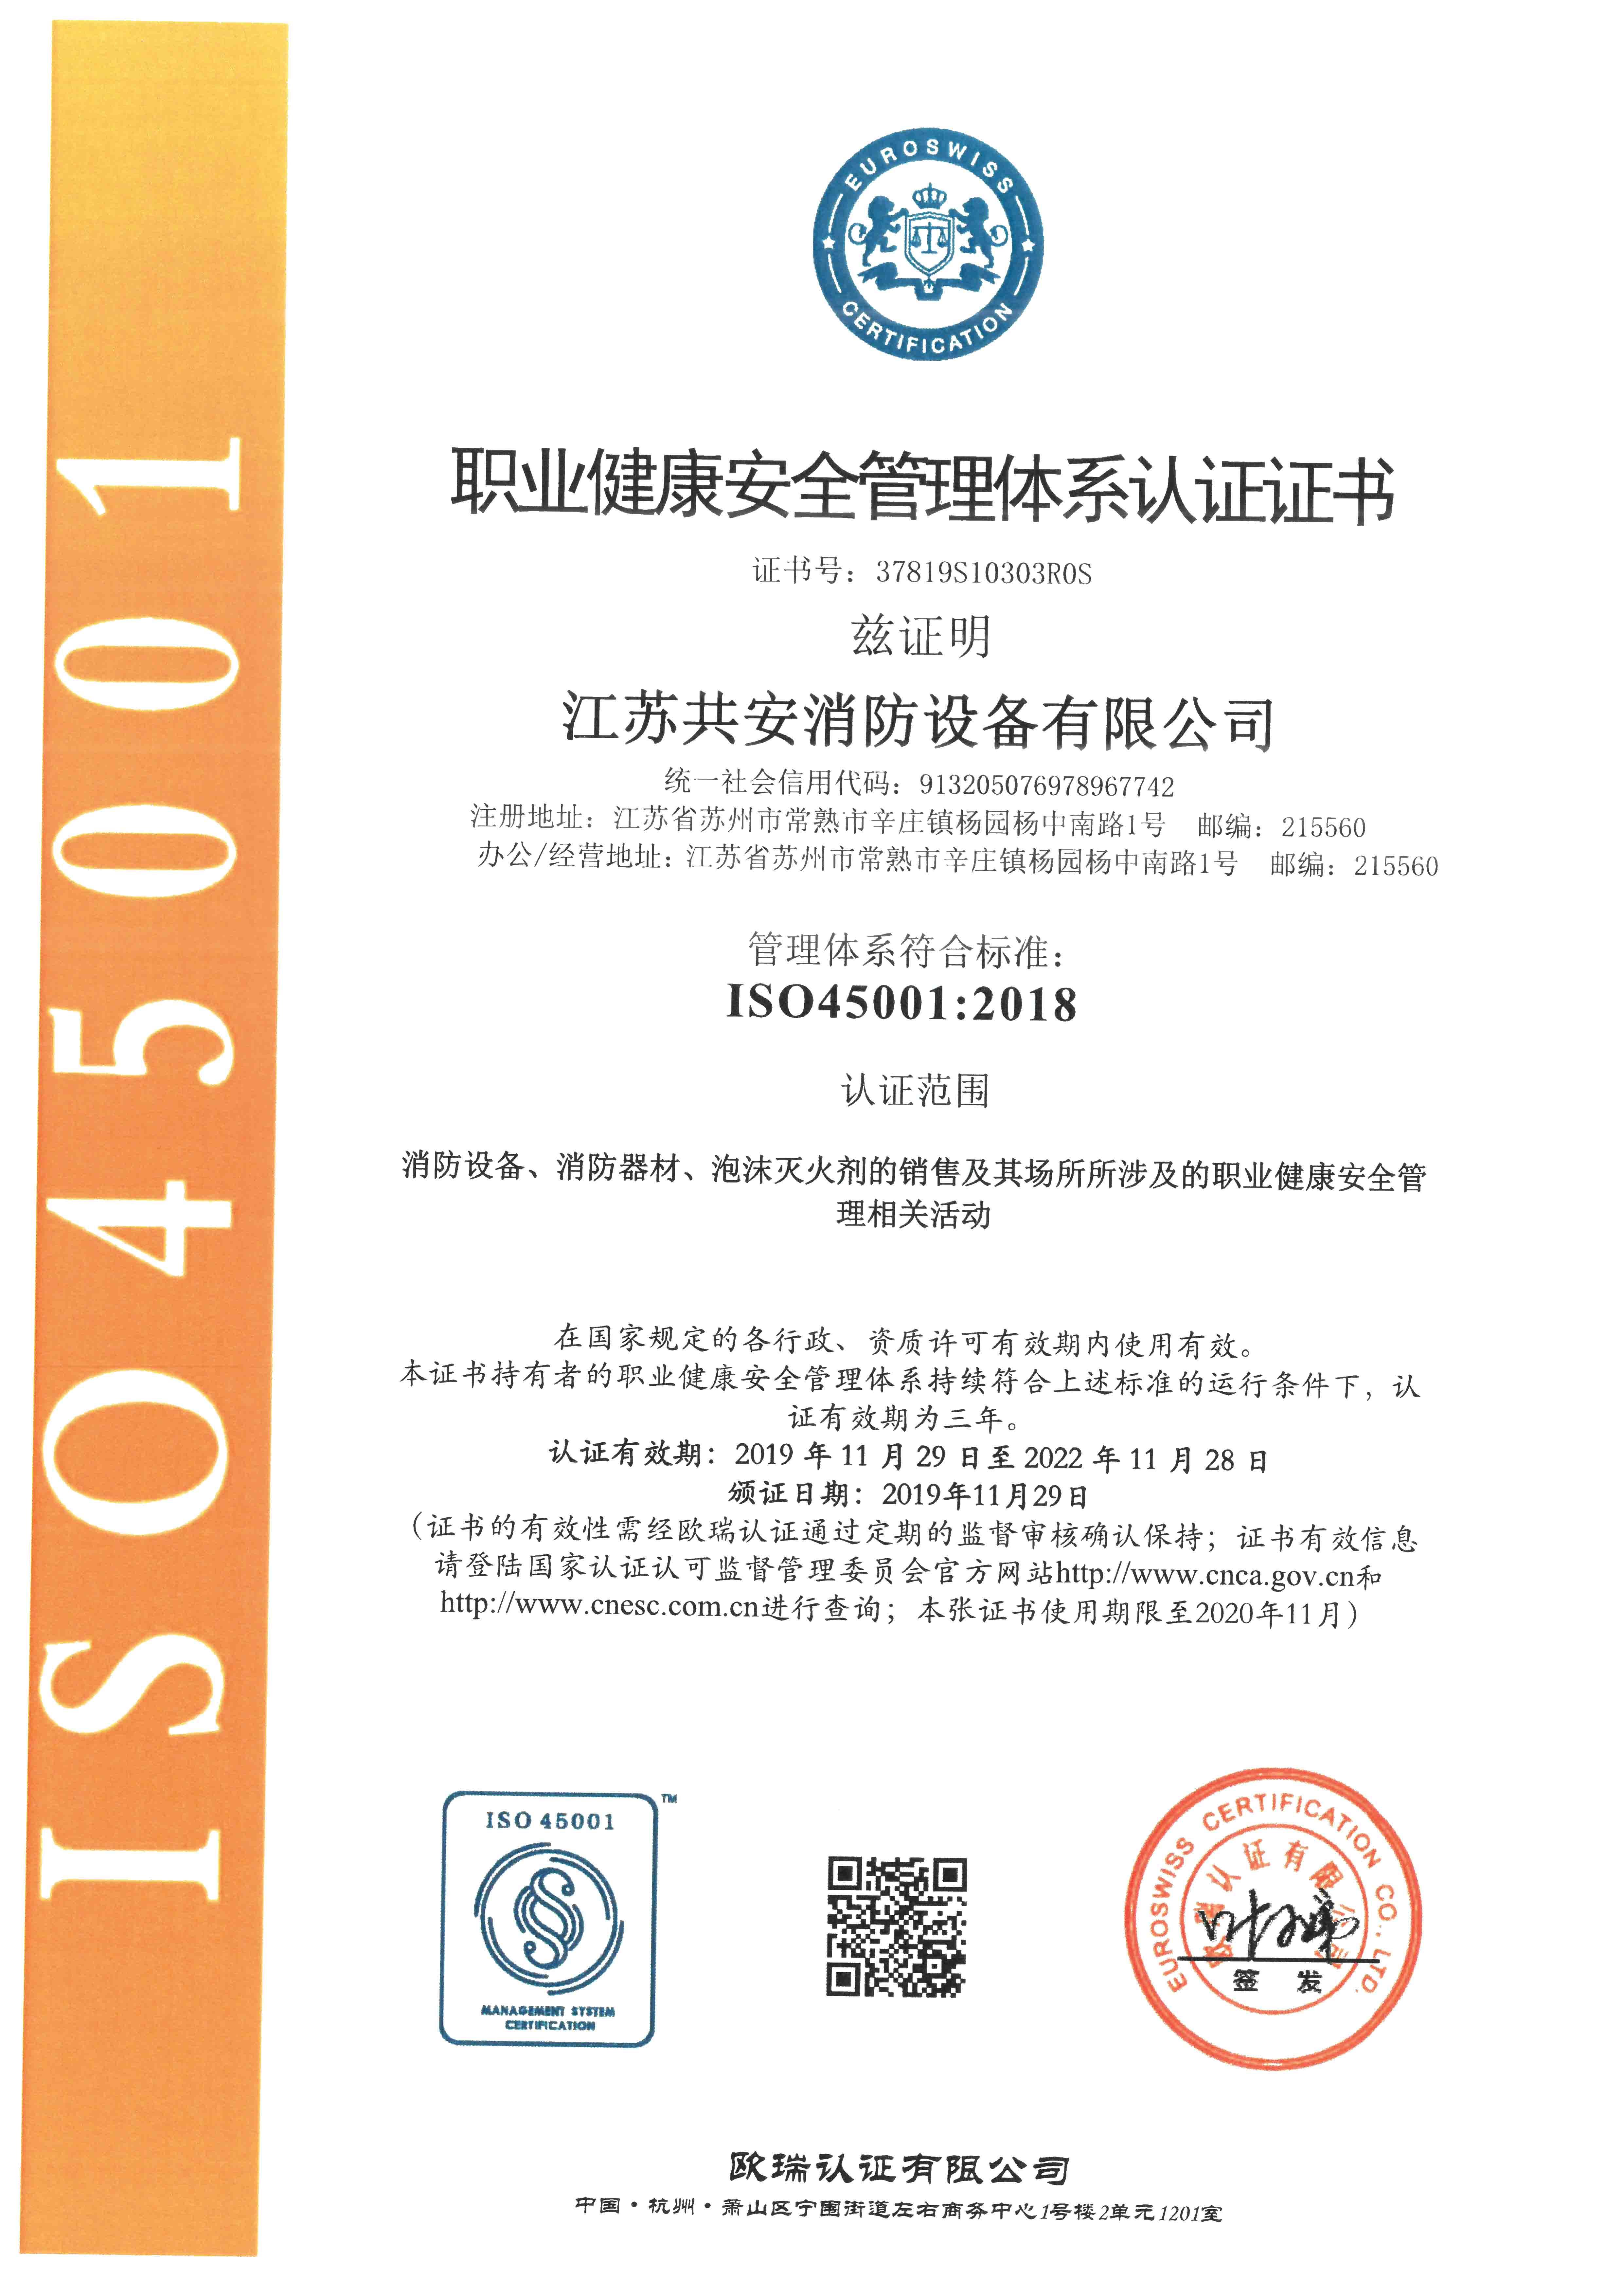 ISO45001 职业健康安全管理体系认证证书.jpg